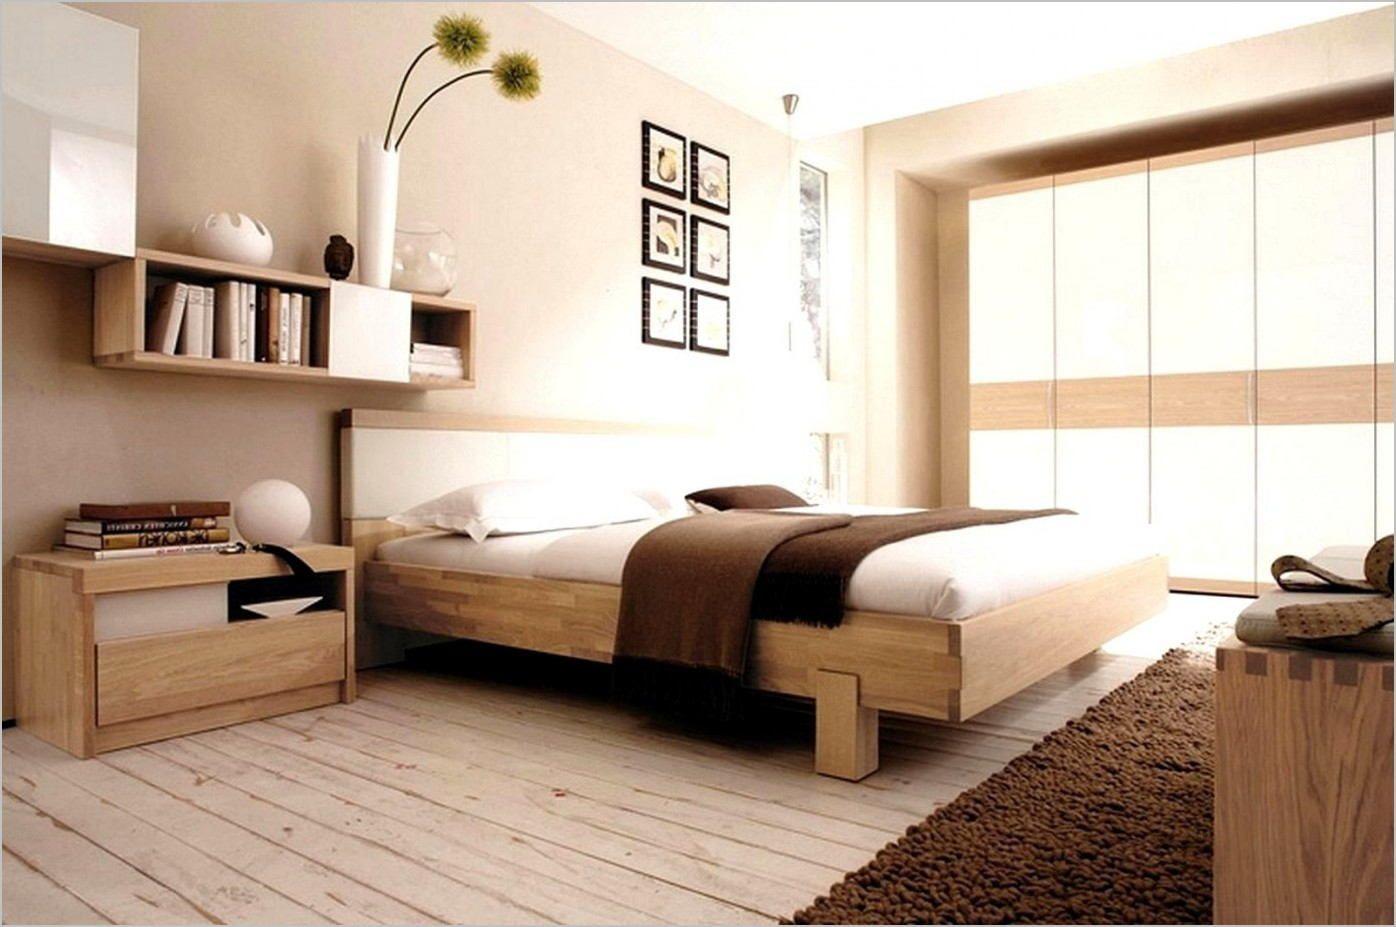 Chambre Deco Japonaise Esprit Zen en 19  Chambre design, Design